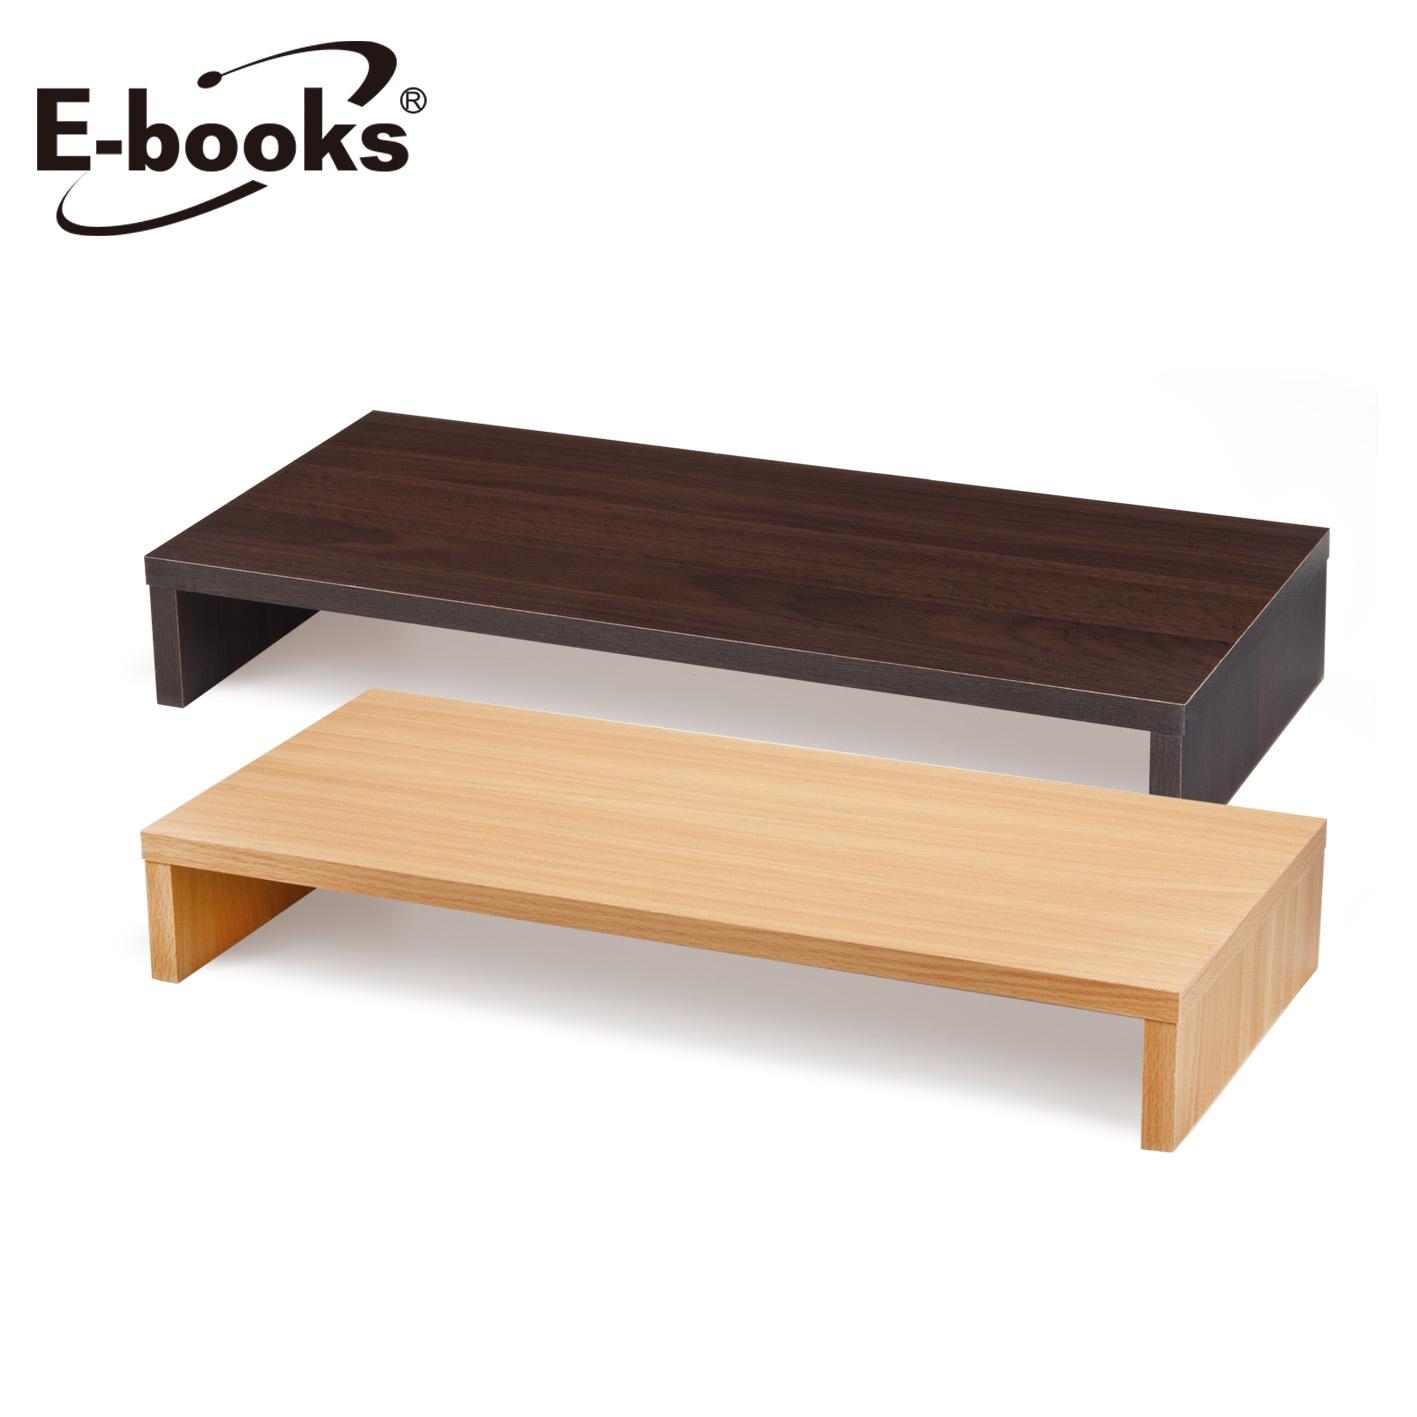 E-books C2 木製防潑水螢幕增高收納架-淺木色